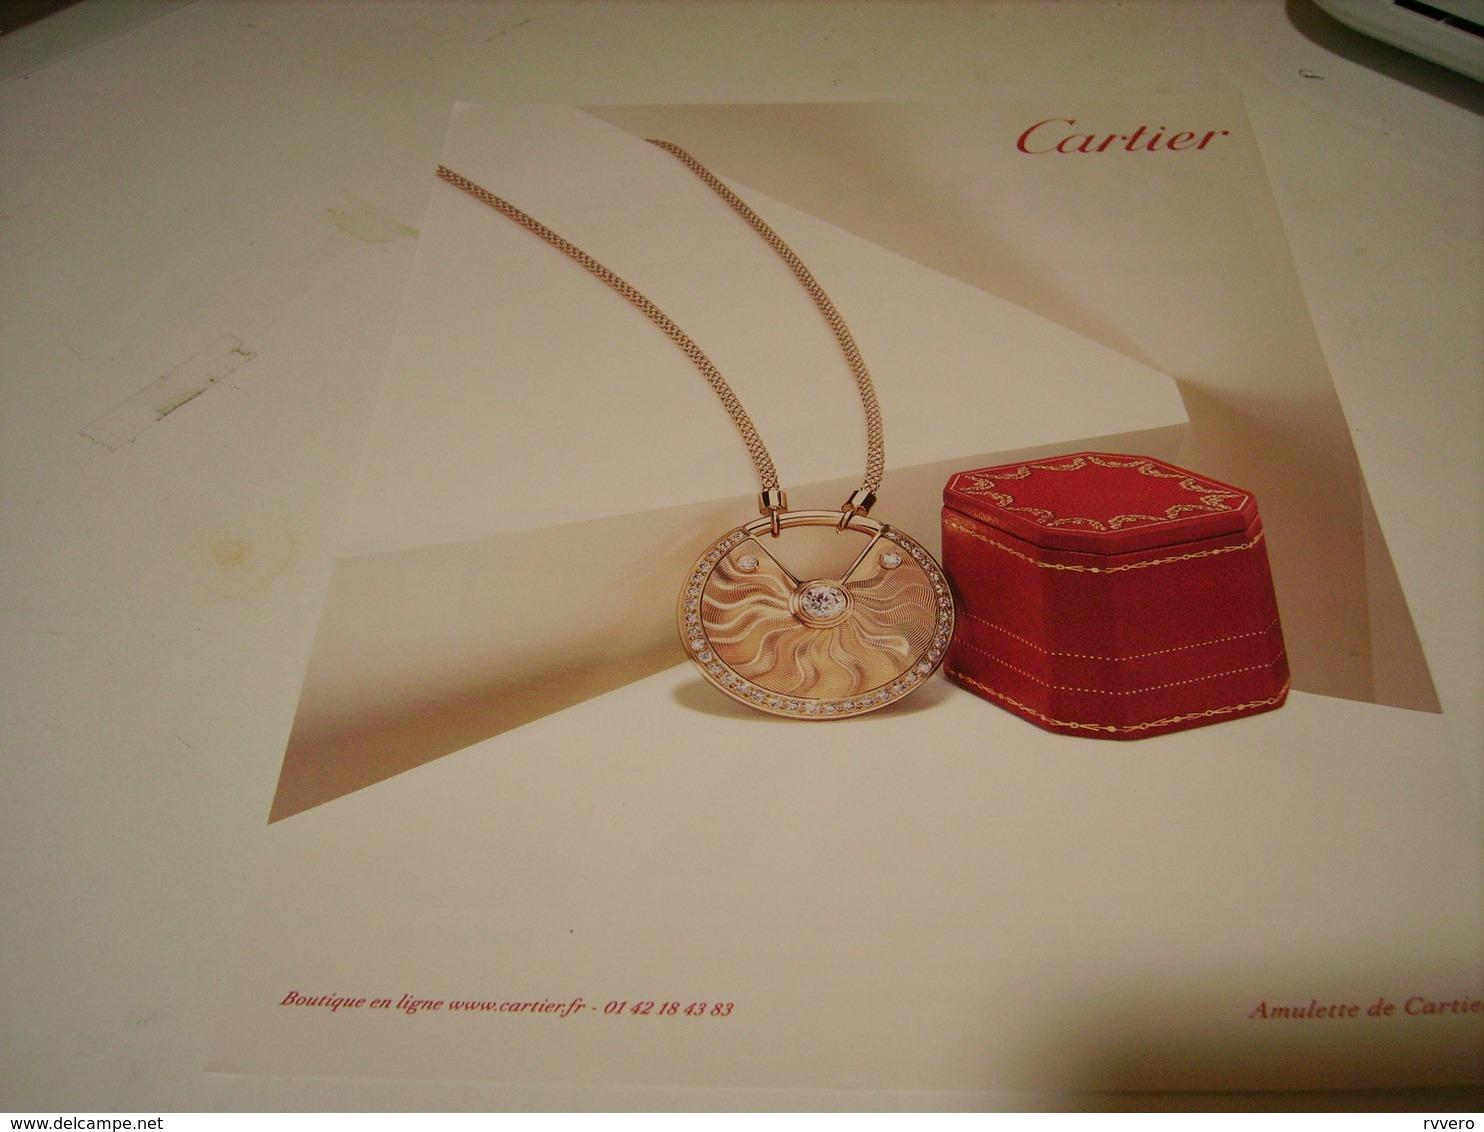 ANCIENNE PUBLICITE JOAILLIER  CARTIER ALULETTE - Bijoux & Horlogerie